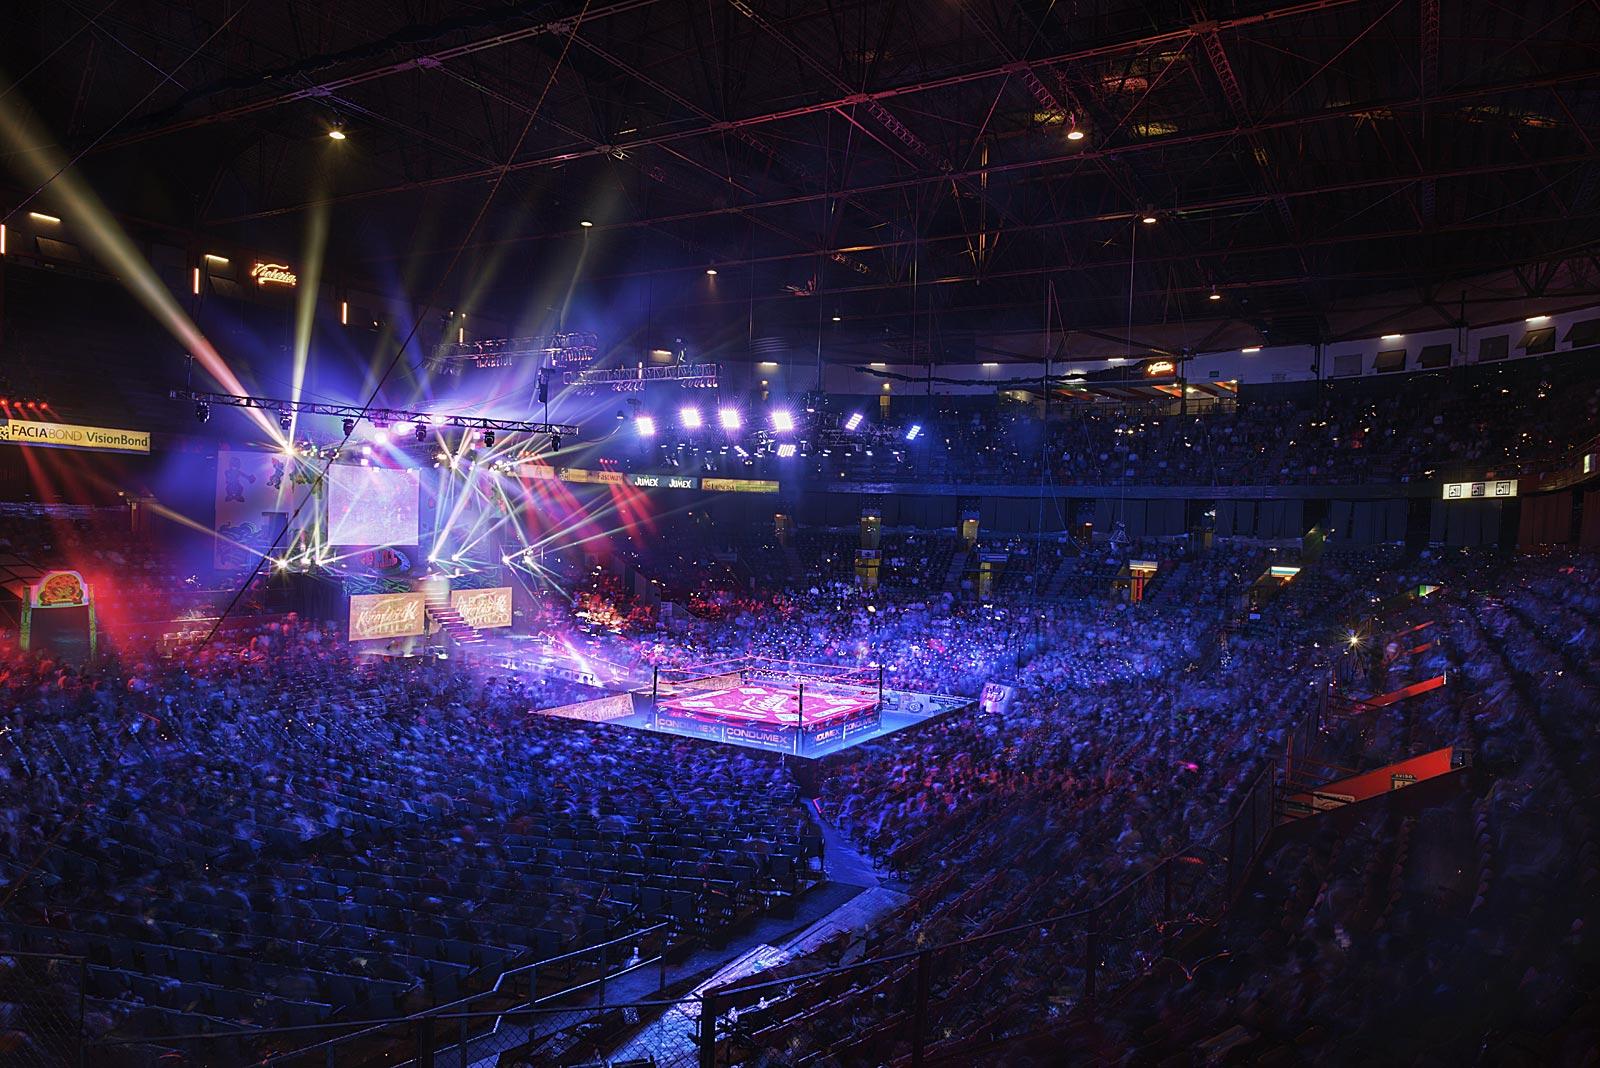 Lucha Libre, Arena México (21.29 - 23.10 Uhr, 31.10.2015)